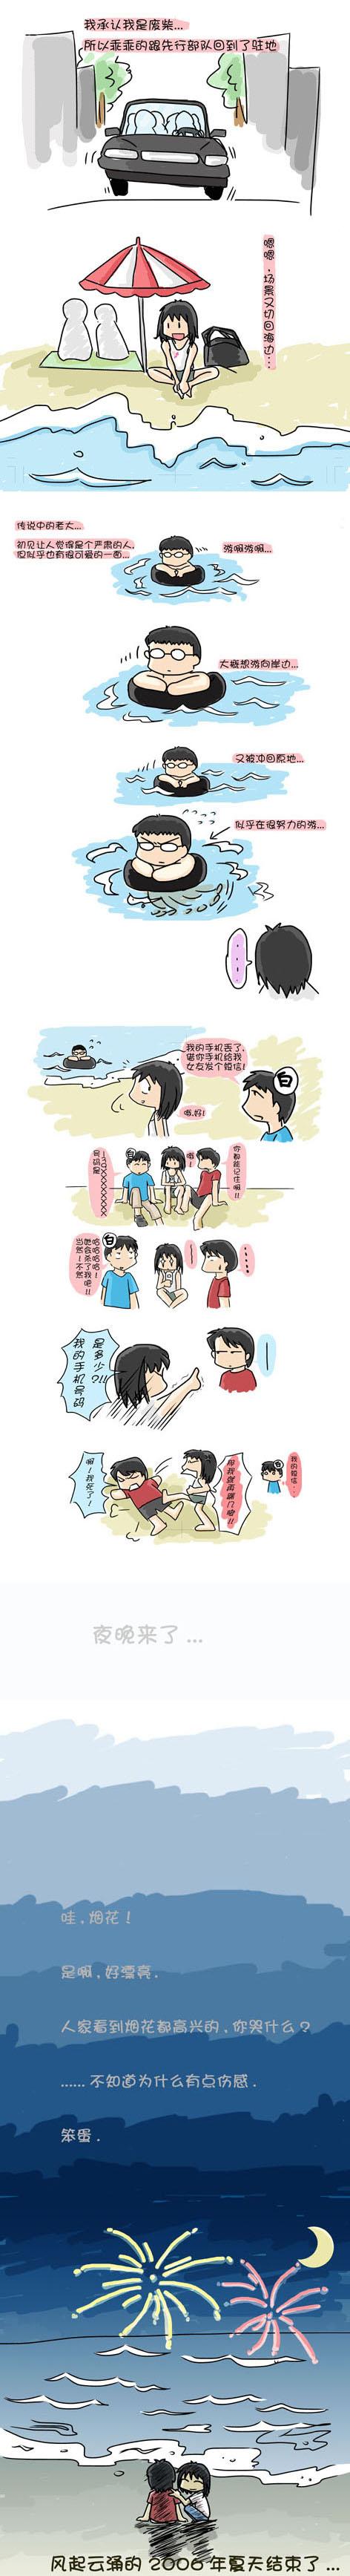 夏末的旅行(下) - 小步 - 小步漫画日记